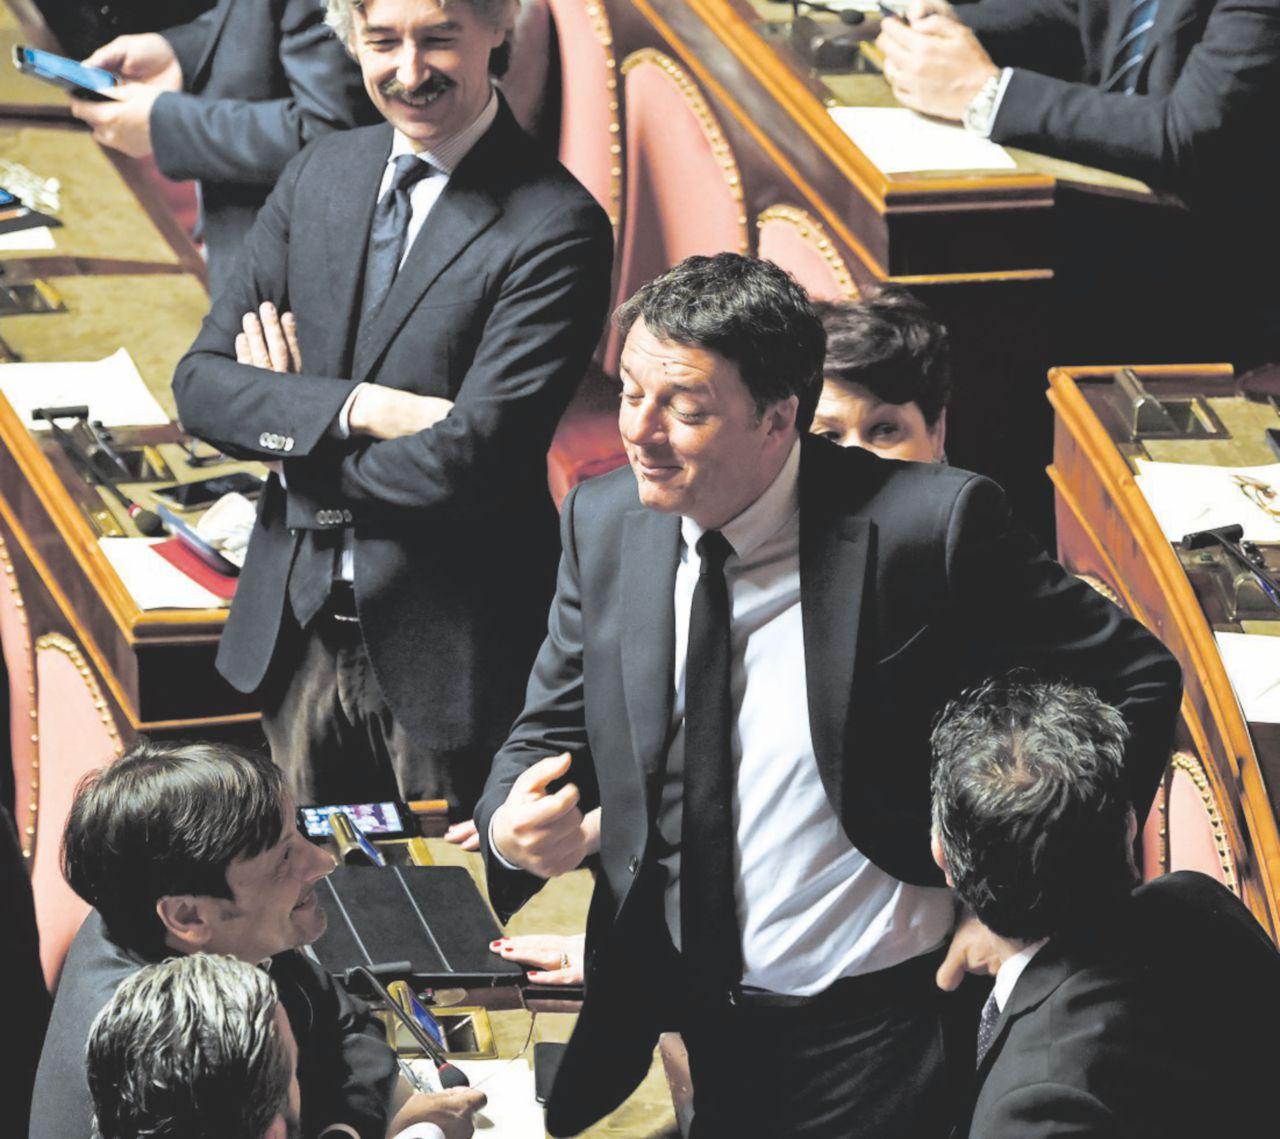 Come il rev. Jones: Renzi ordina al Pd il suicidio di massa